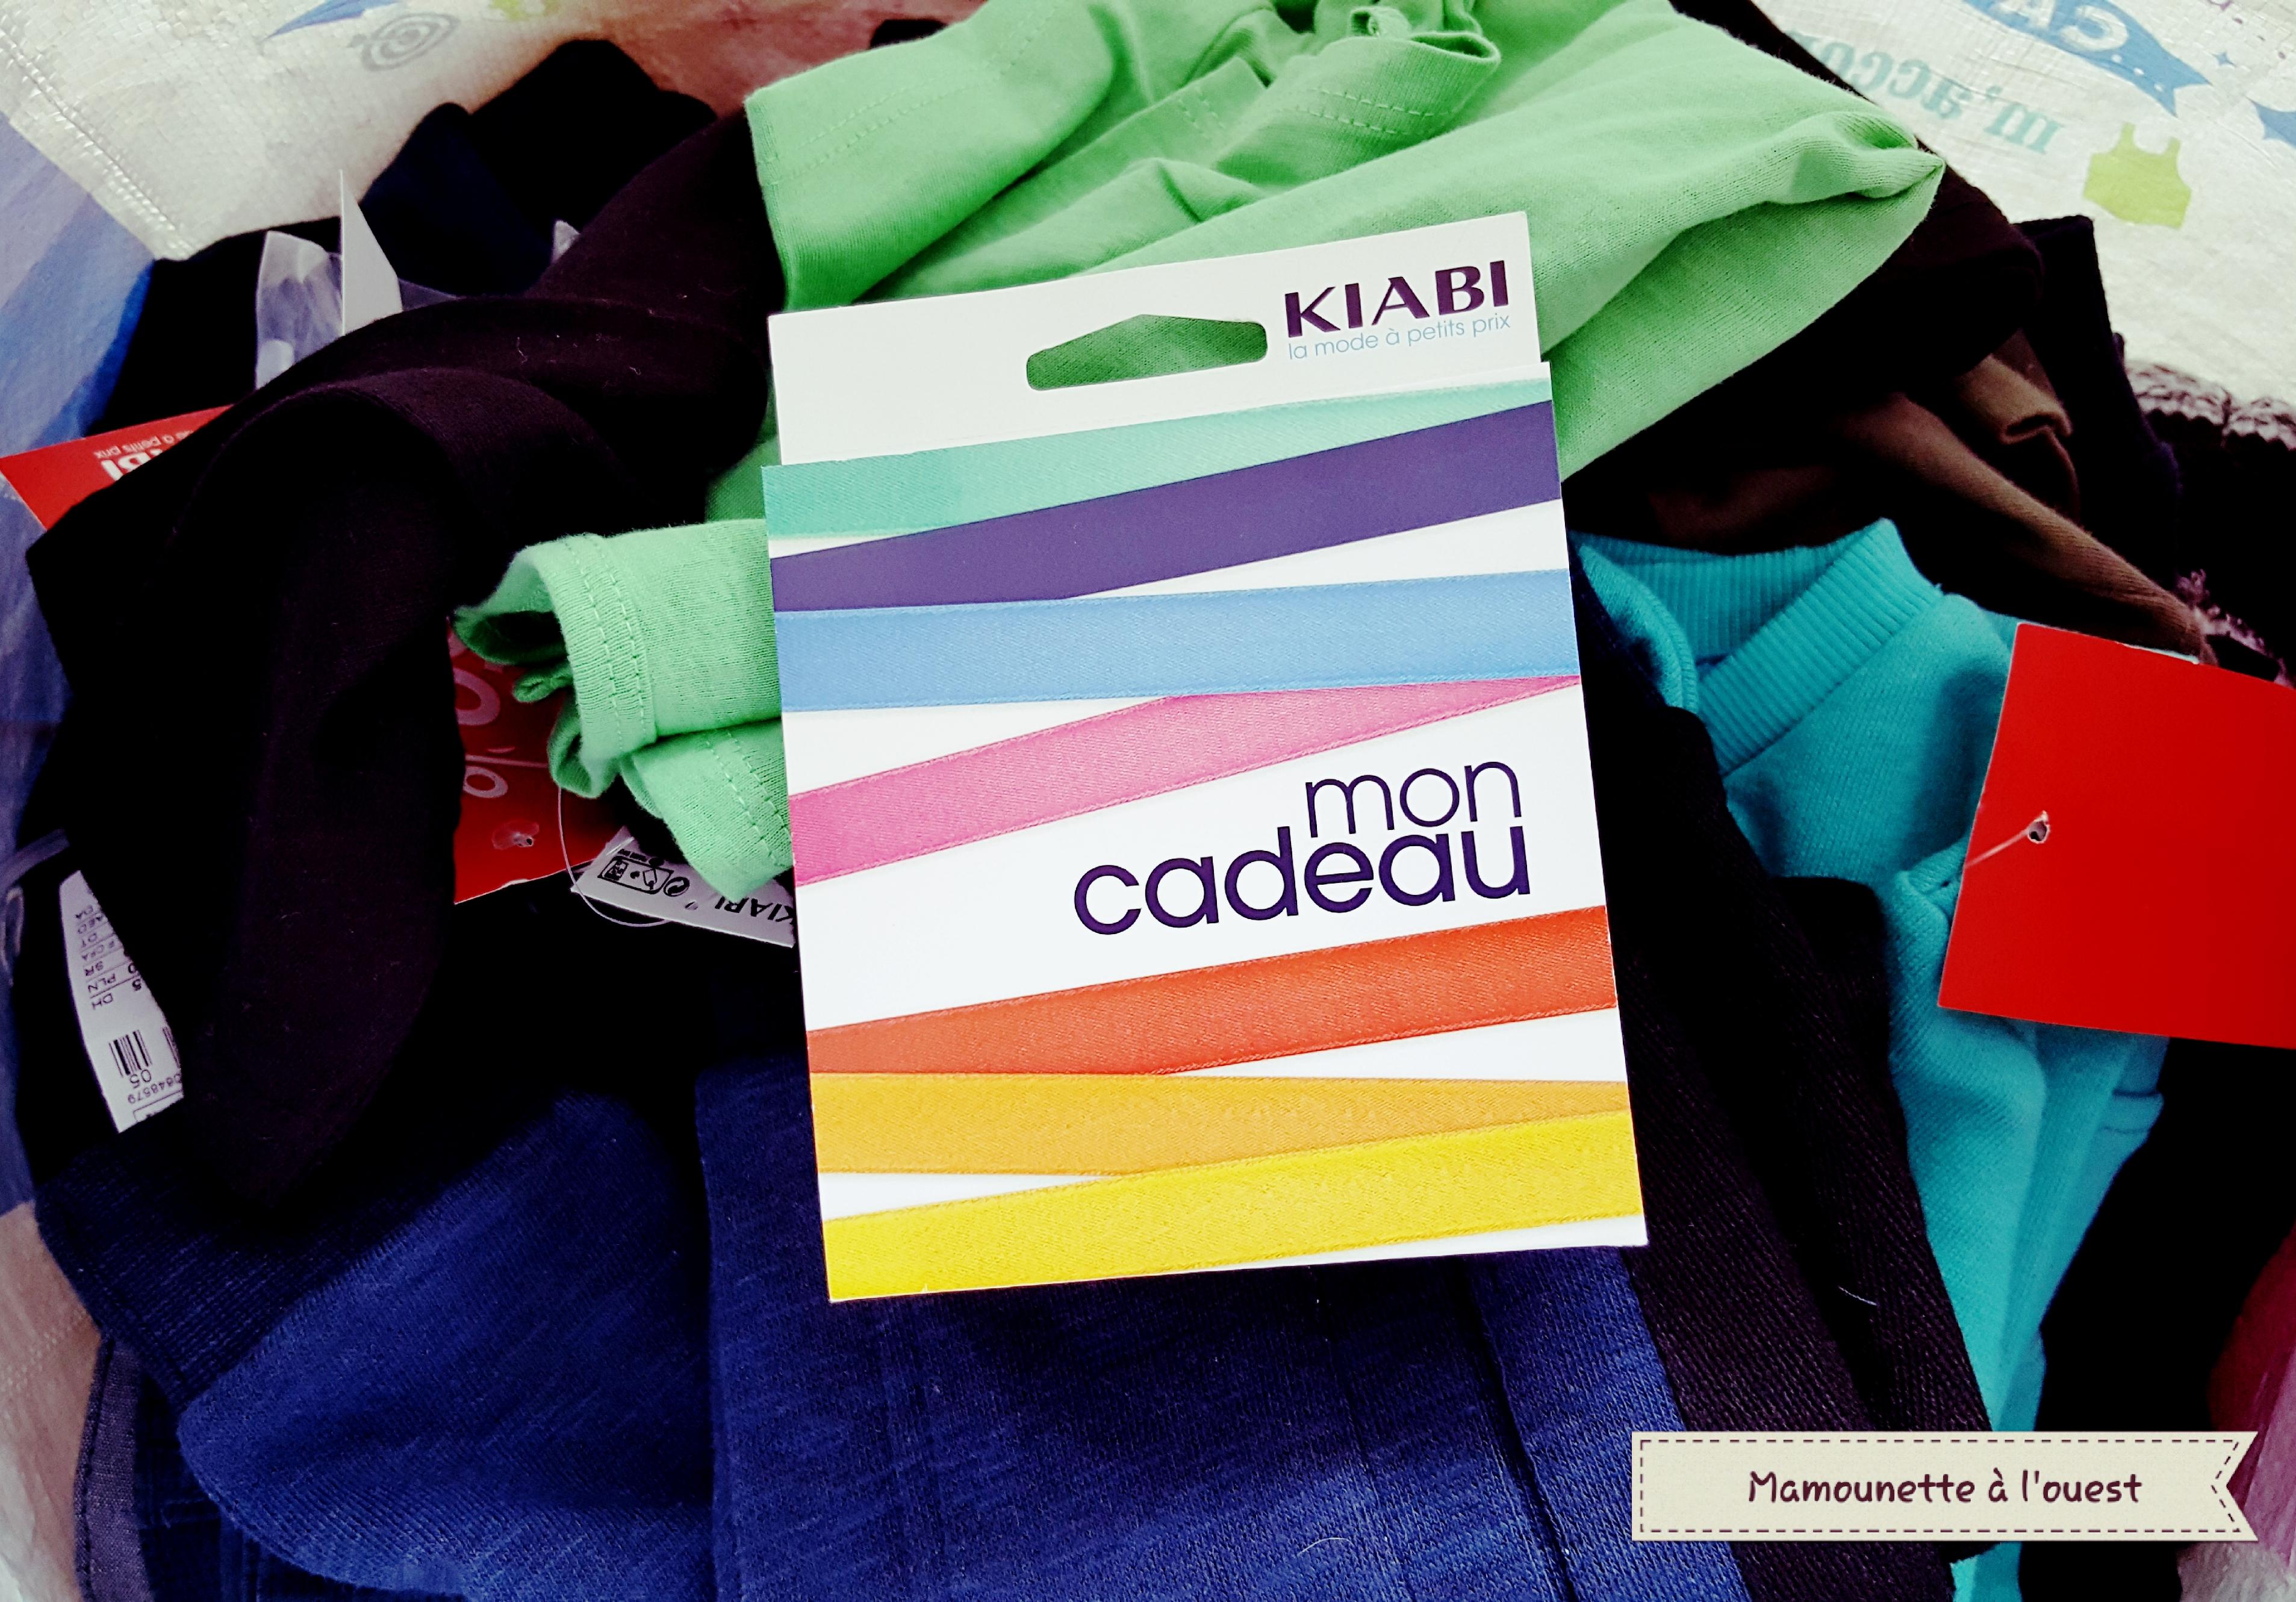 carte cadeau Kiabi le cadeau idéal.jpg